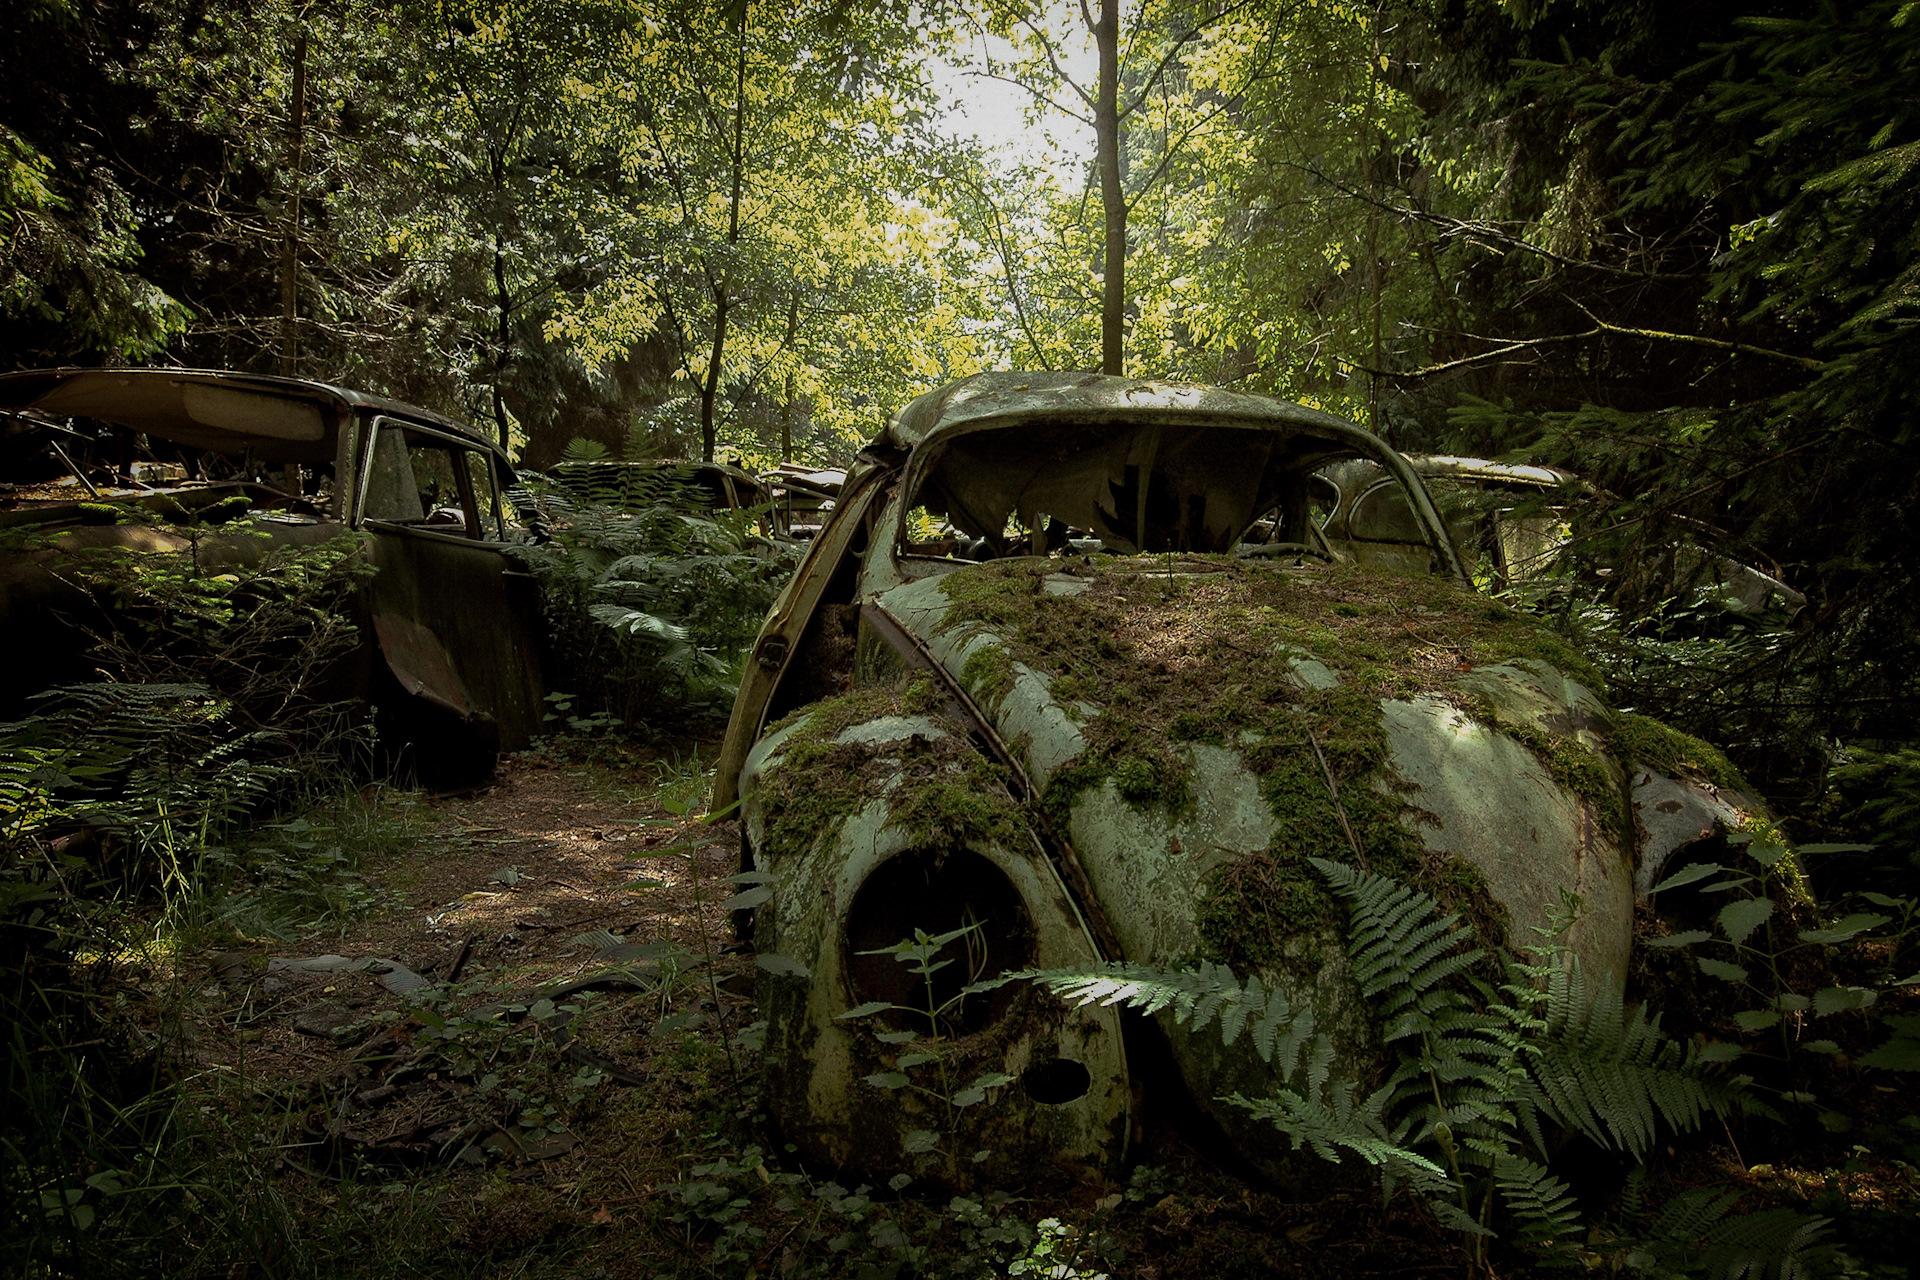 ствол поиск машины по картинке конце апреля начале